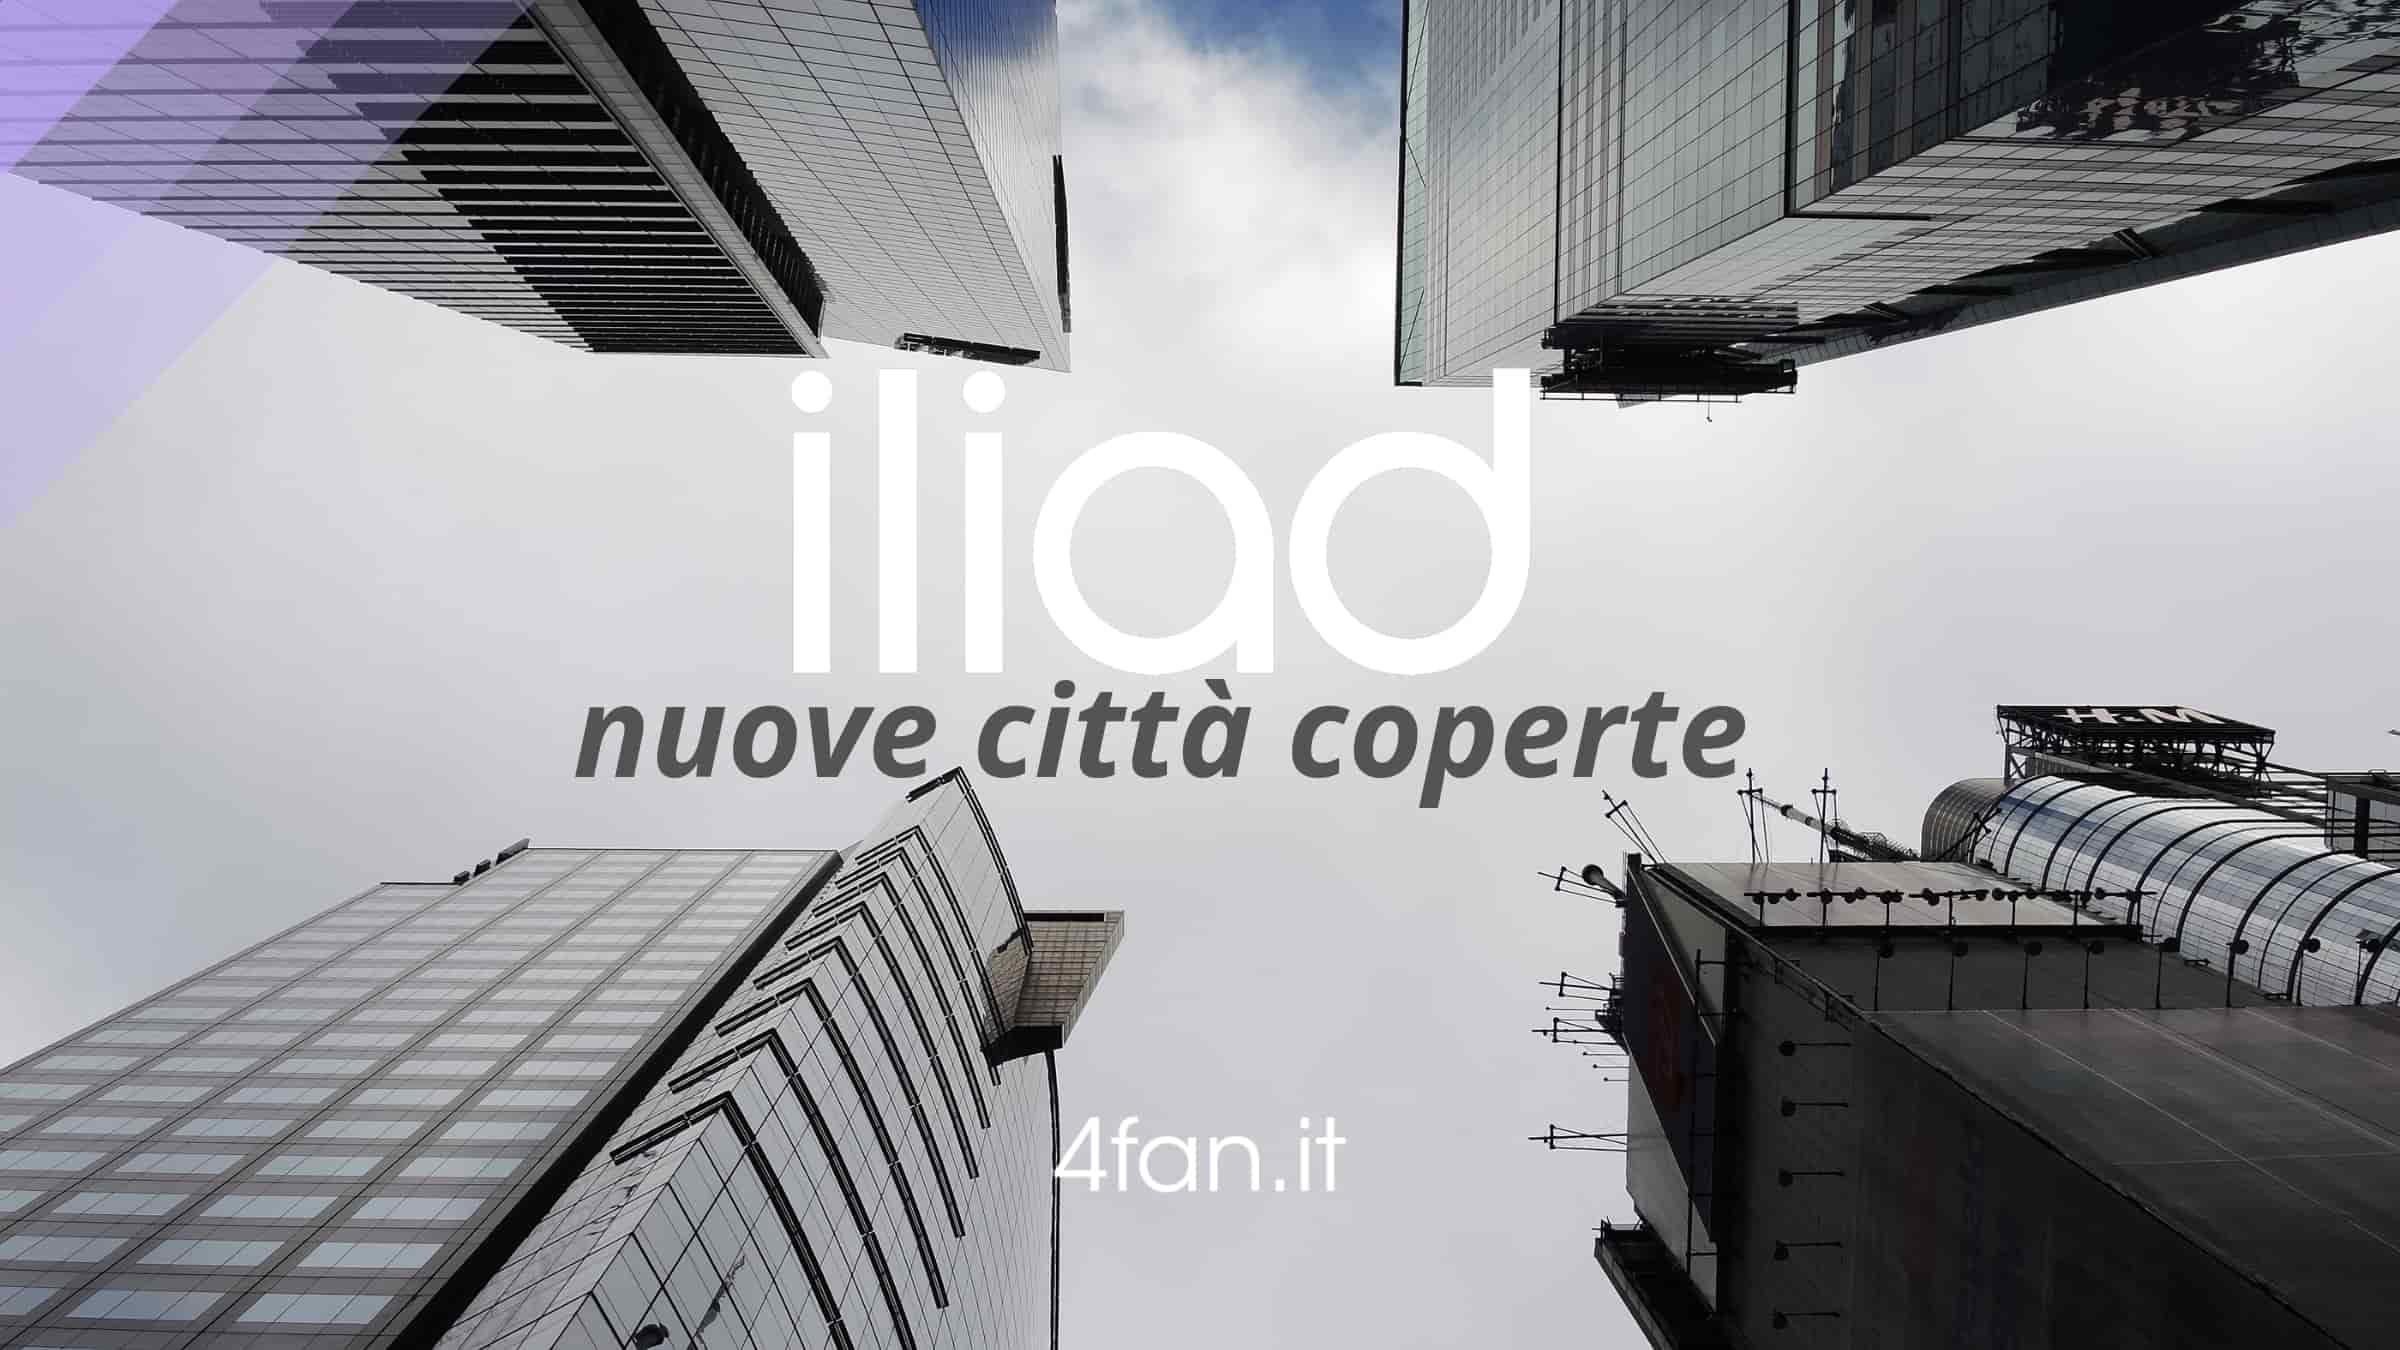 Nuove città coperte Iliad